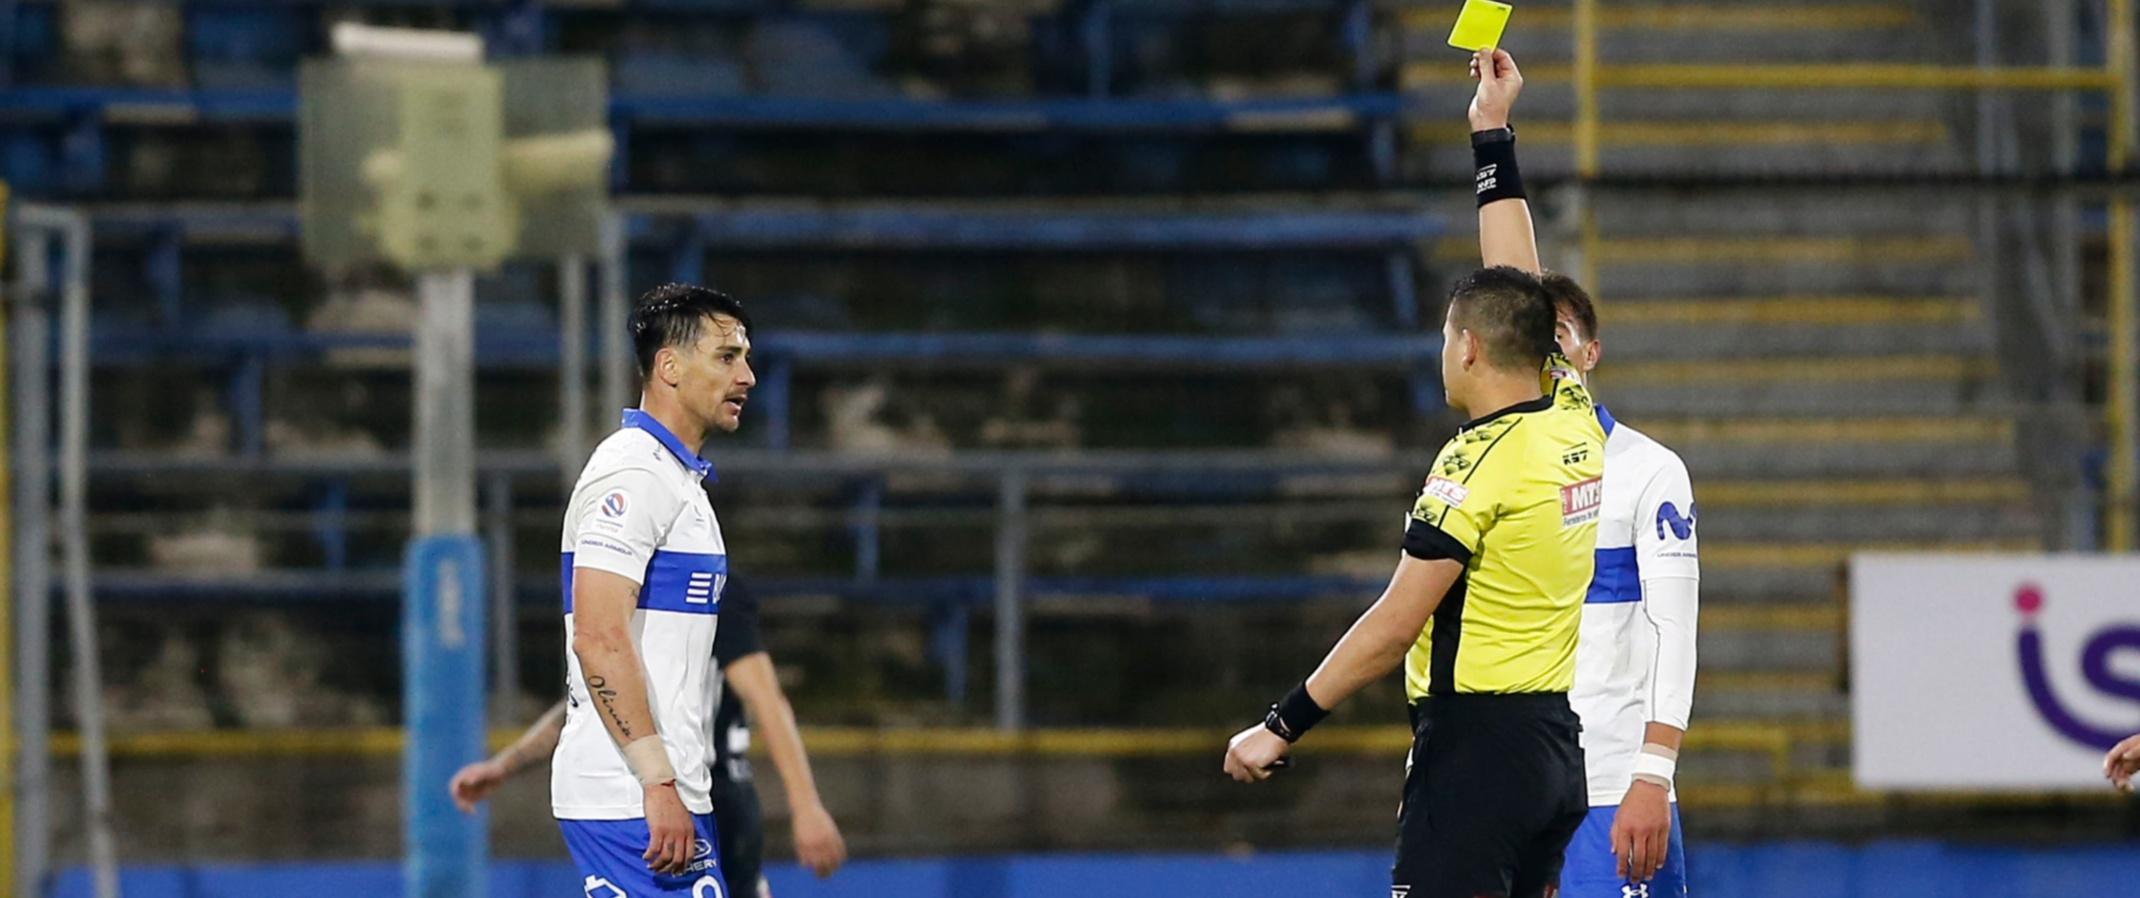 Zampedri se disculpó por la furia del final | TNT Sports